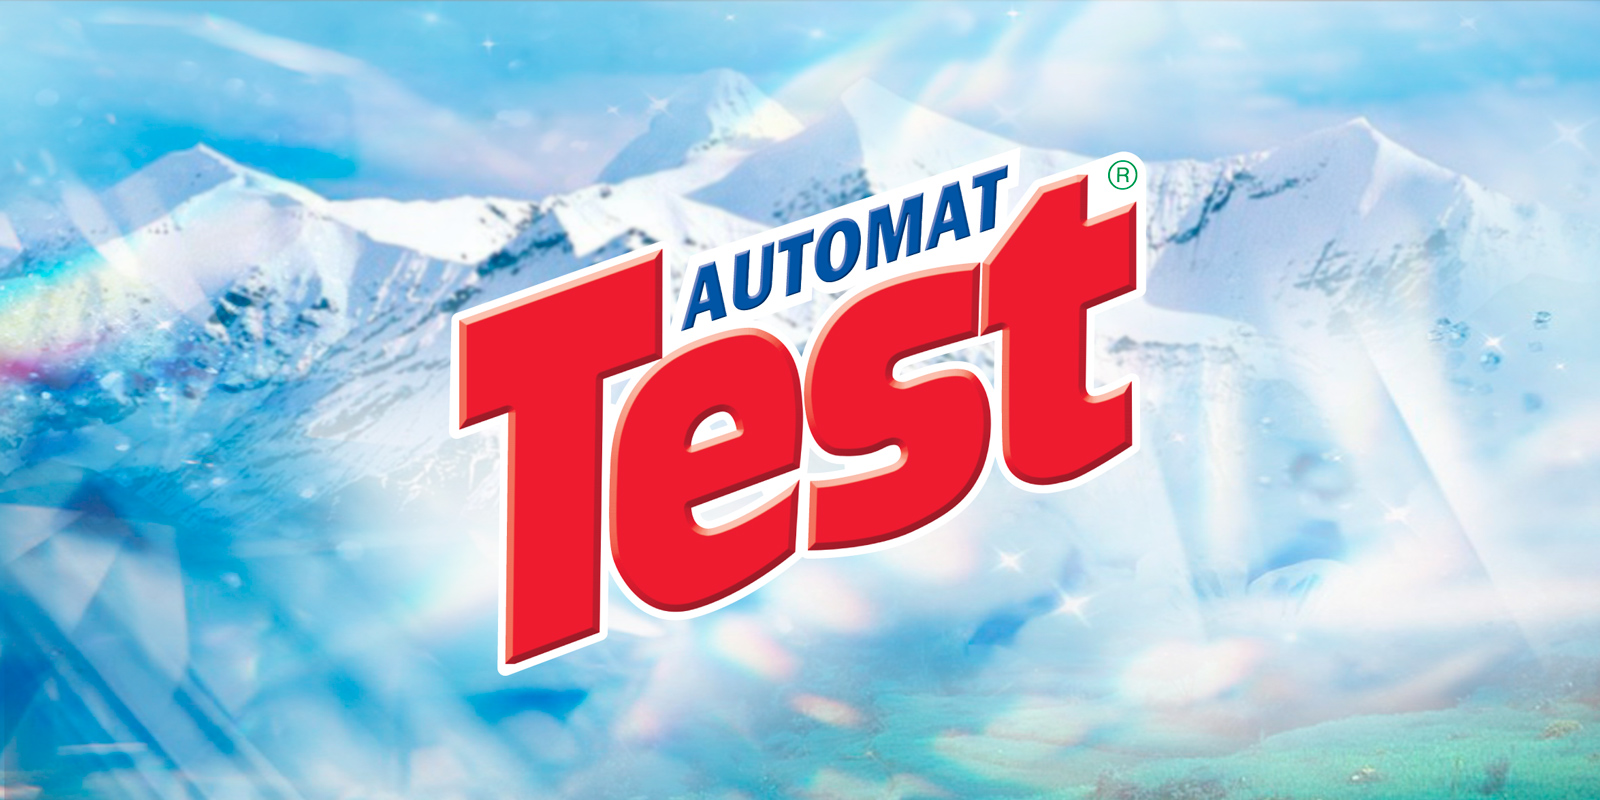 TM «Test»;;;;;;Разработка логотипа (бытовая химия);;;;;;<span>Клиент:</span> TM «Test»;;;;;;;;;;;;Разработка логотипа (бытовая химия);;;;;;1